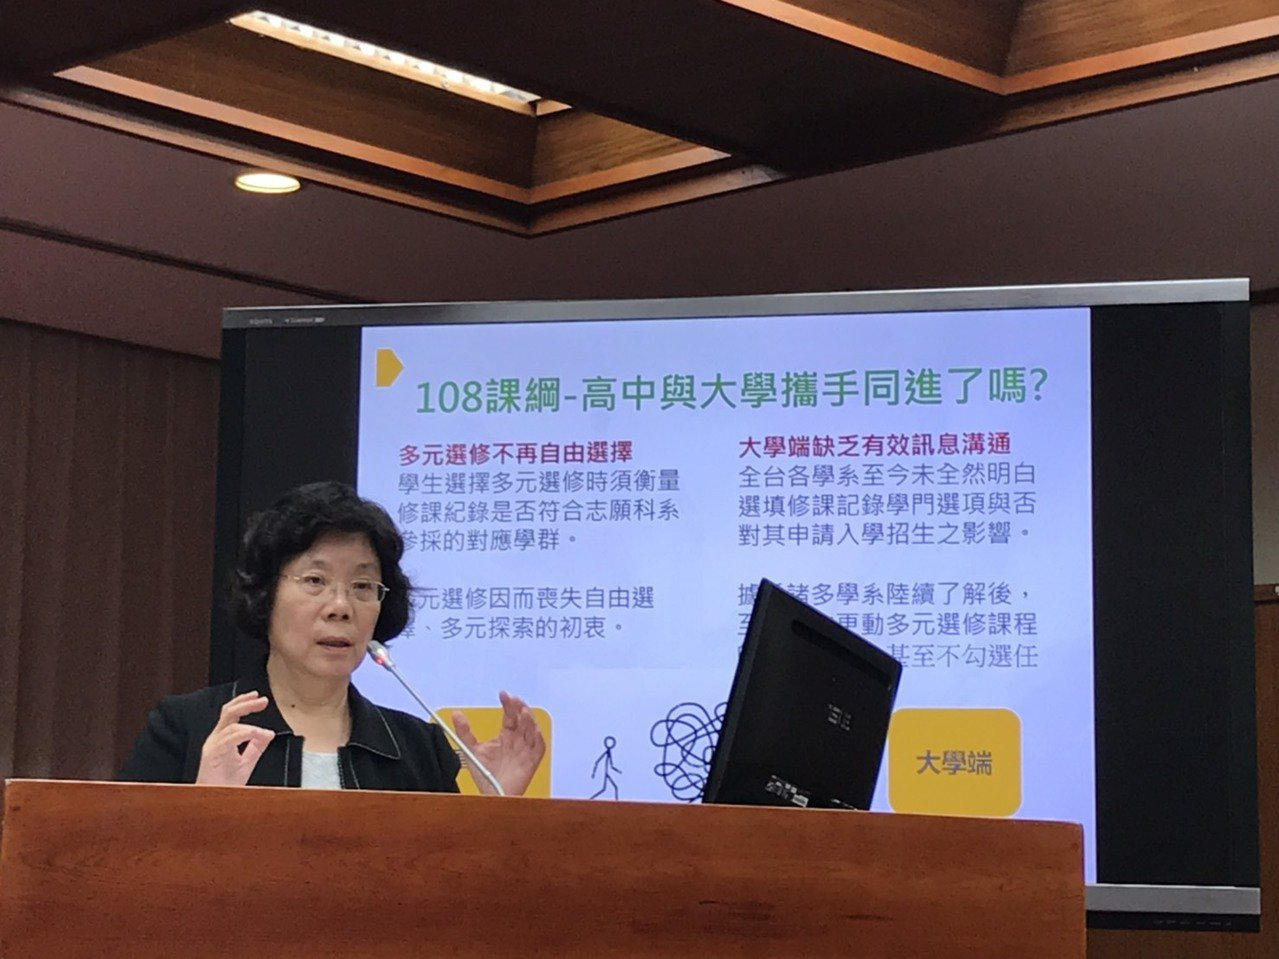 立委鄭秀玲表示,學習歷程檔案中校定必修、多元選修課程還要區分為18學群,這是剝奪...